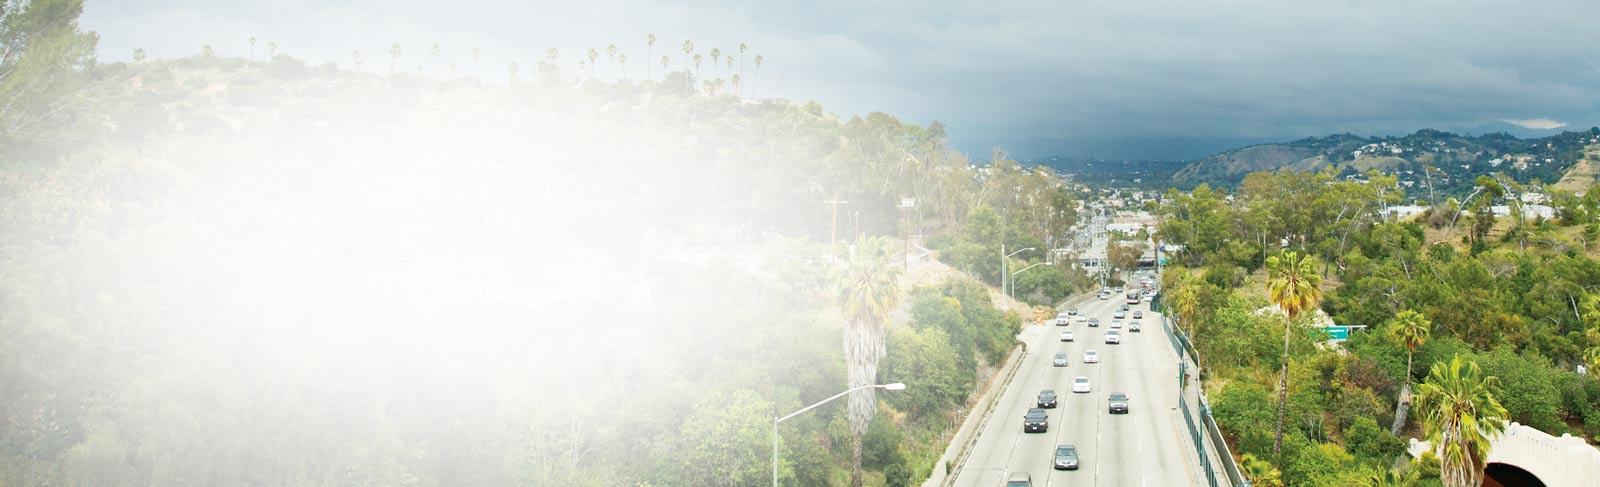 Kaupunkiin johtava valtatie. Lue SharePoint 2013 -asiakkaiden kertomuksia kaikkialta maailmasta.